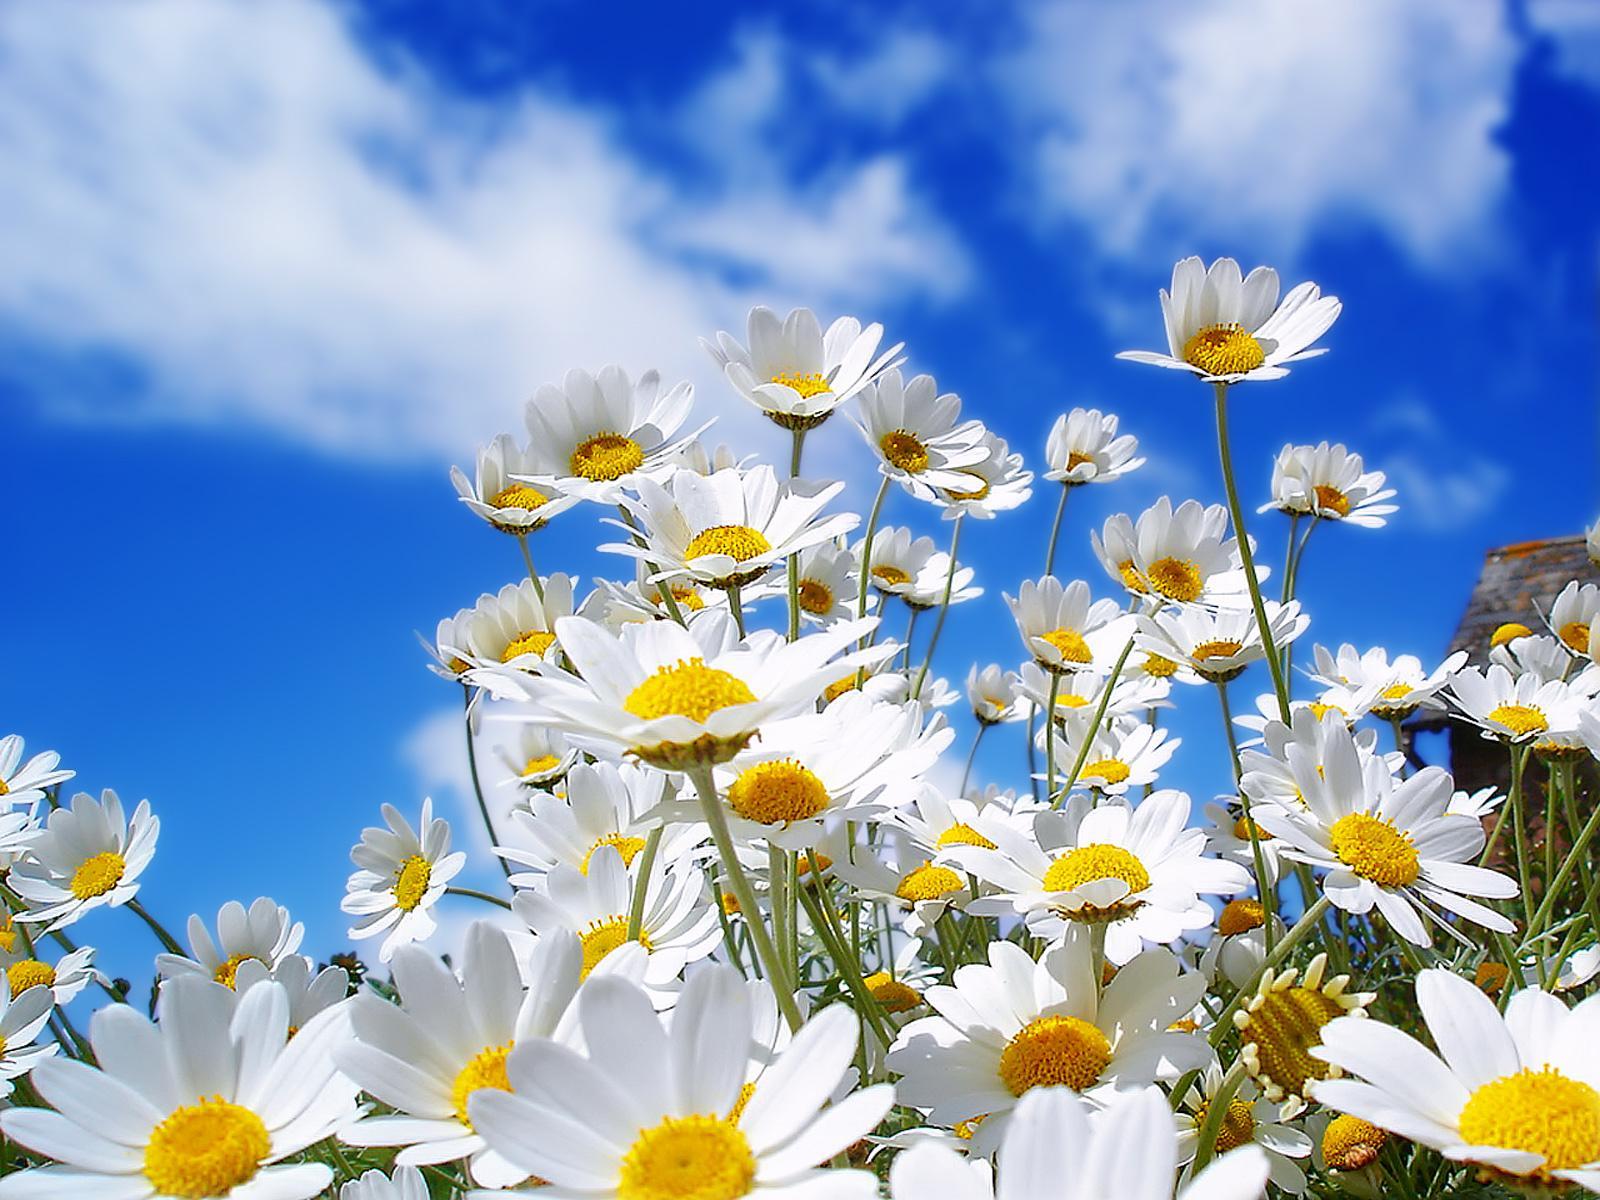 http://2.bp.blogspot.com/-547G8fxaarA/T1SZxKXyhJI/AAAAAAAABXc/njjpD1D8TwM/s1600/spring-white-flowers.jpg